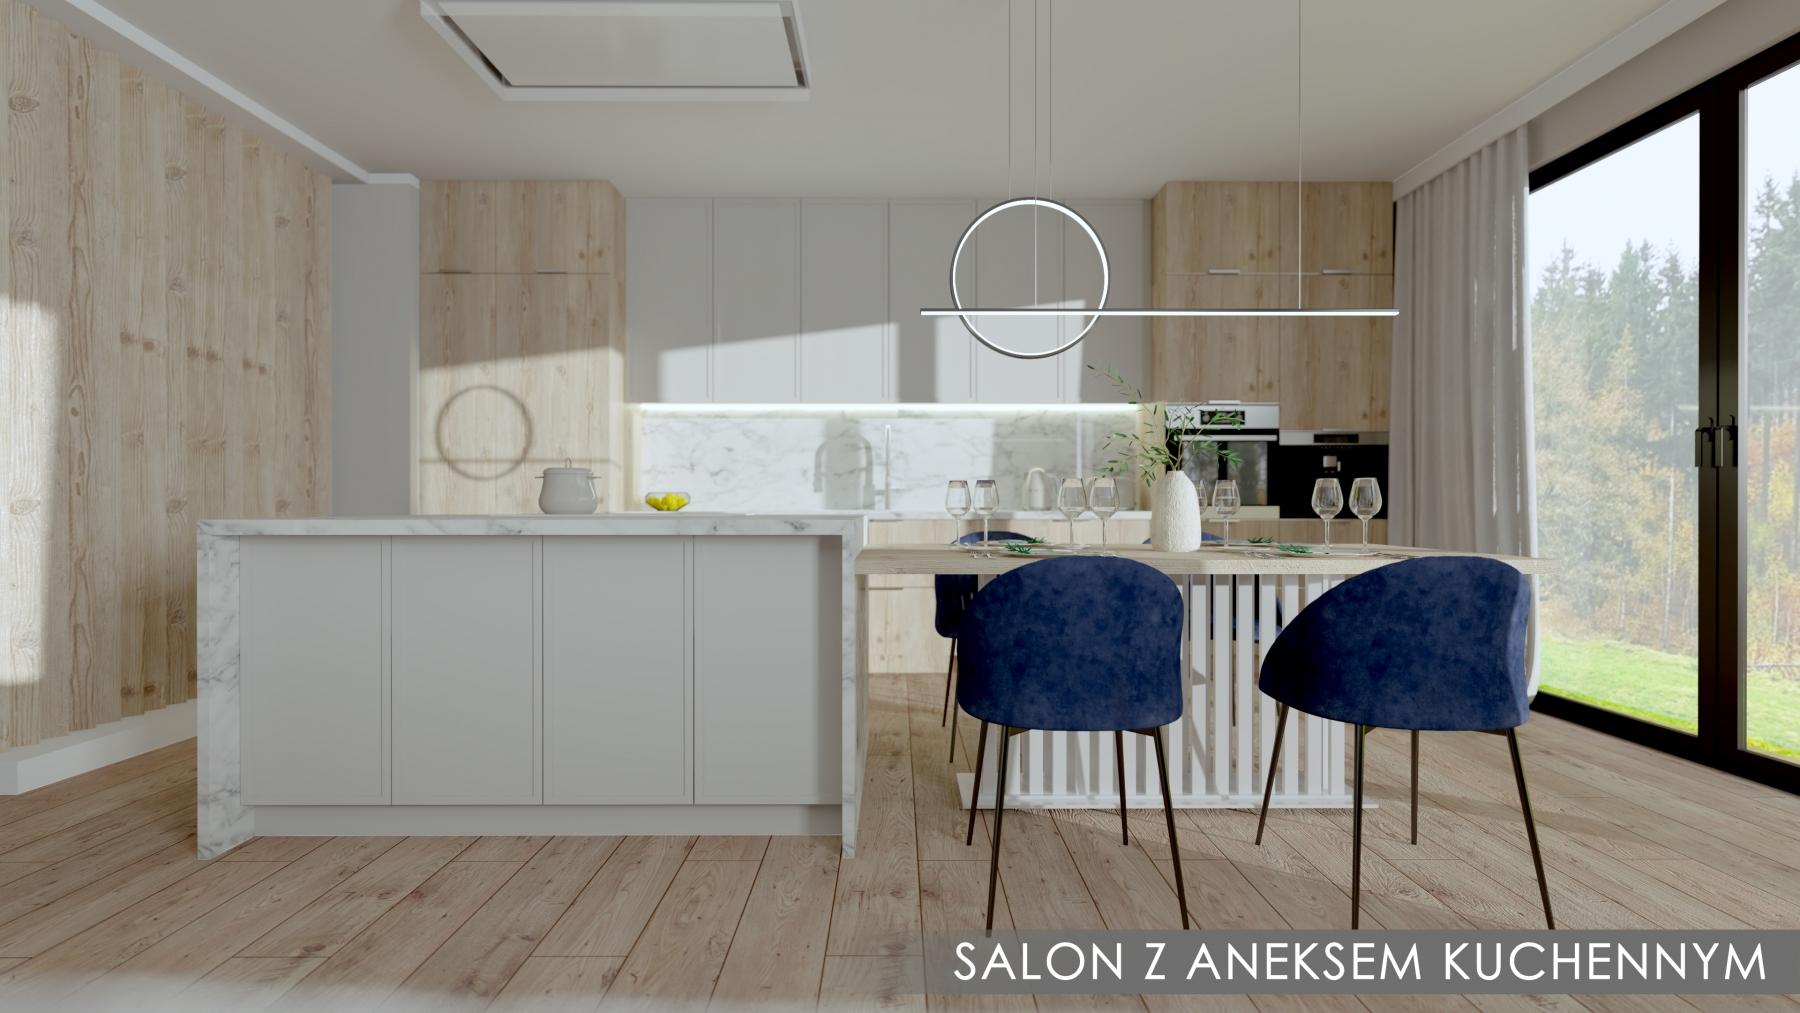 8 1-Salon-z-aneksem-kuchennym